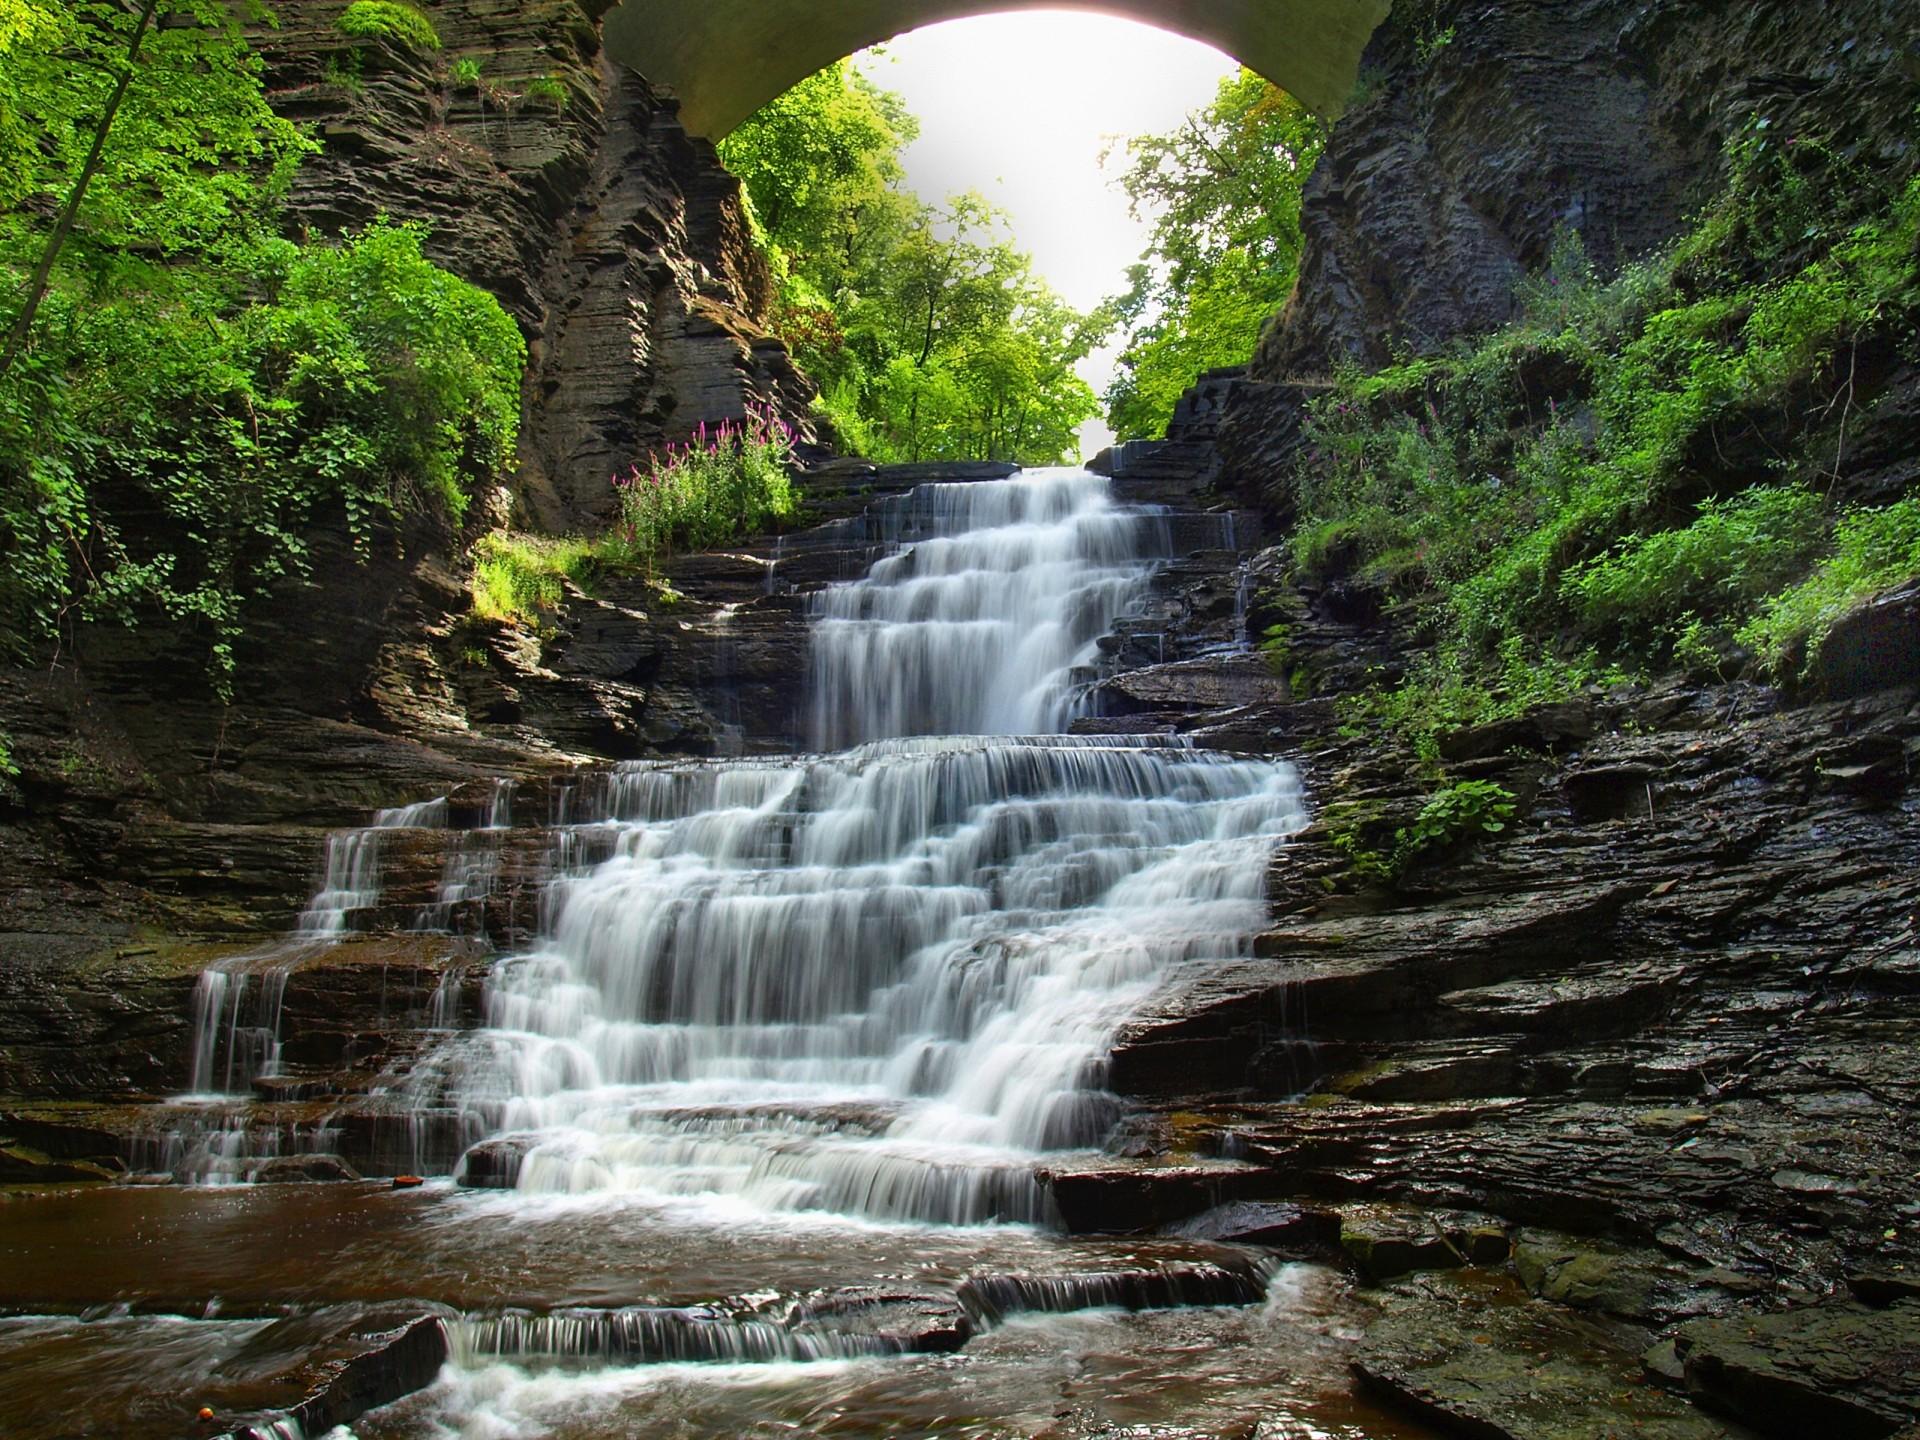 этому, картинка трехслойный водопад мастер-класс, как сделать